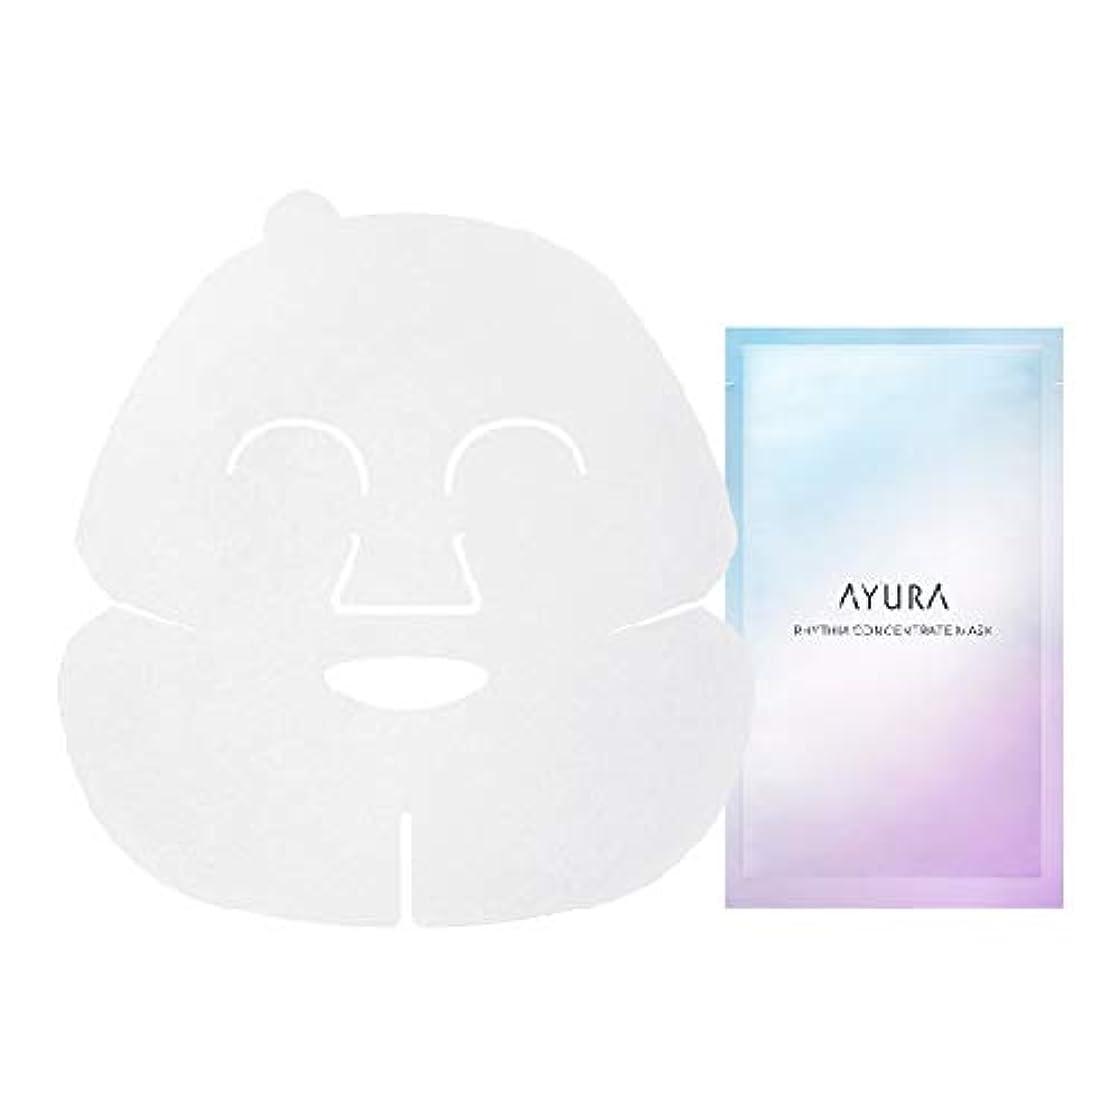 ドレスギャップ起業家アユーラ (AYURA) リズムコンセントレートマスク 23mL×6枚入 〈美容液マスク〉